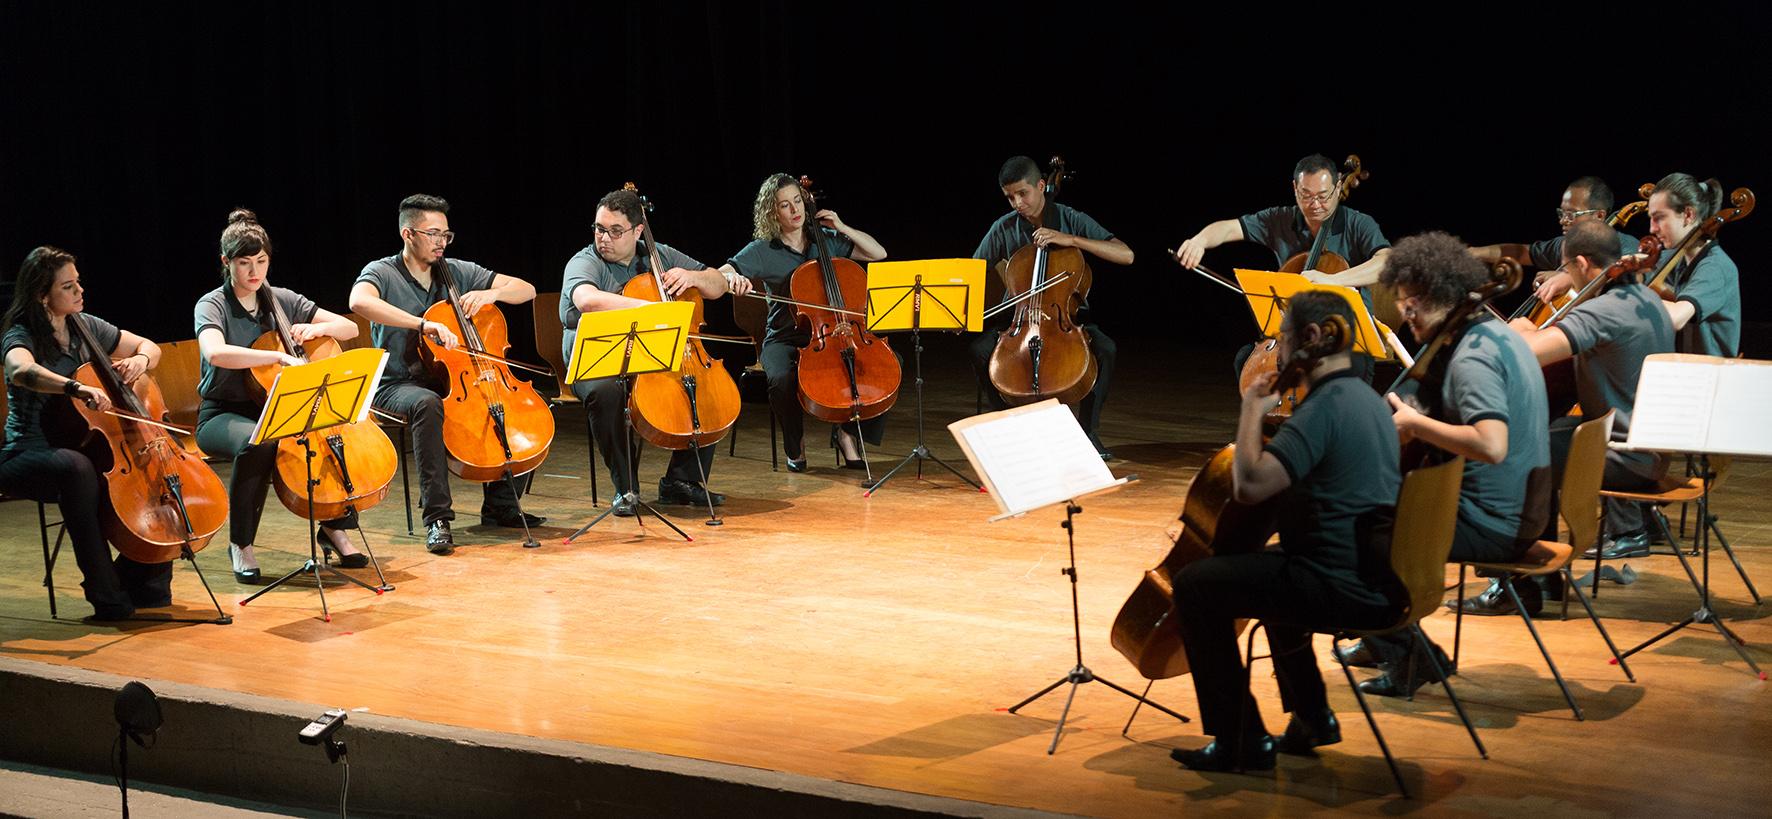 Fukuda Cello Ensemble - Ricardo Fukuda e violoncelistas em concerto - Instituto Fukuda